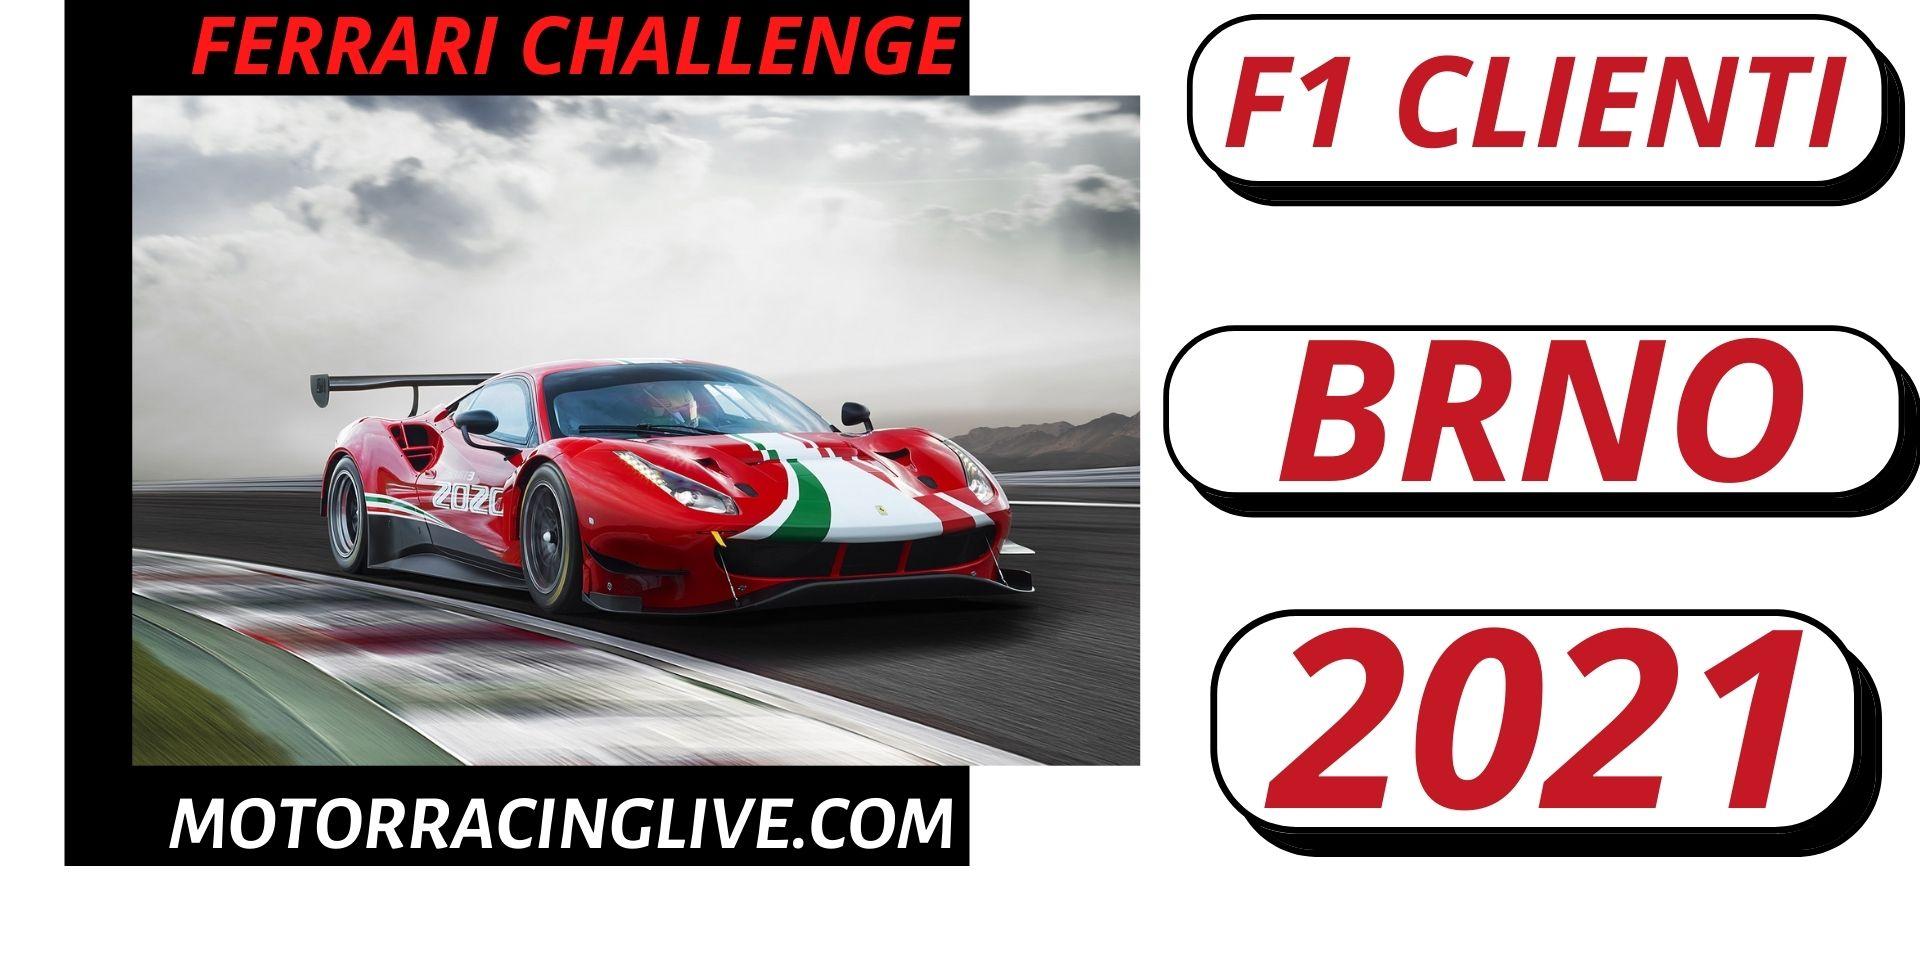 Brno Ferrari Challenge F1 Clienti Live Stream 2021